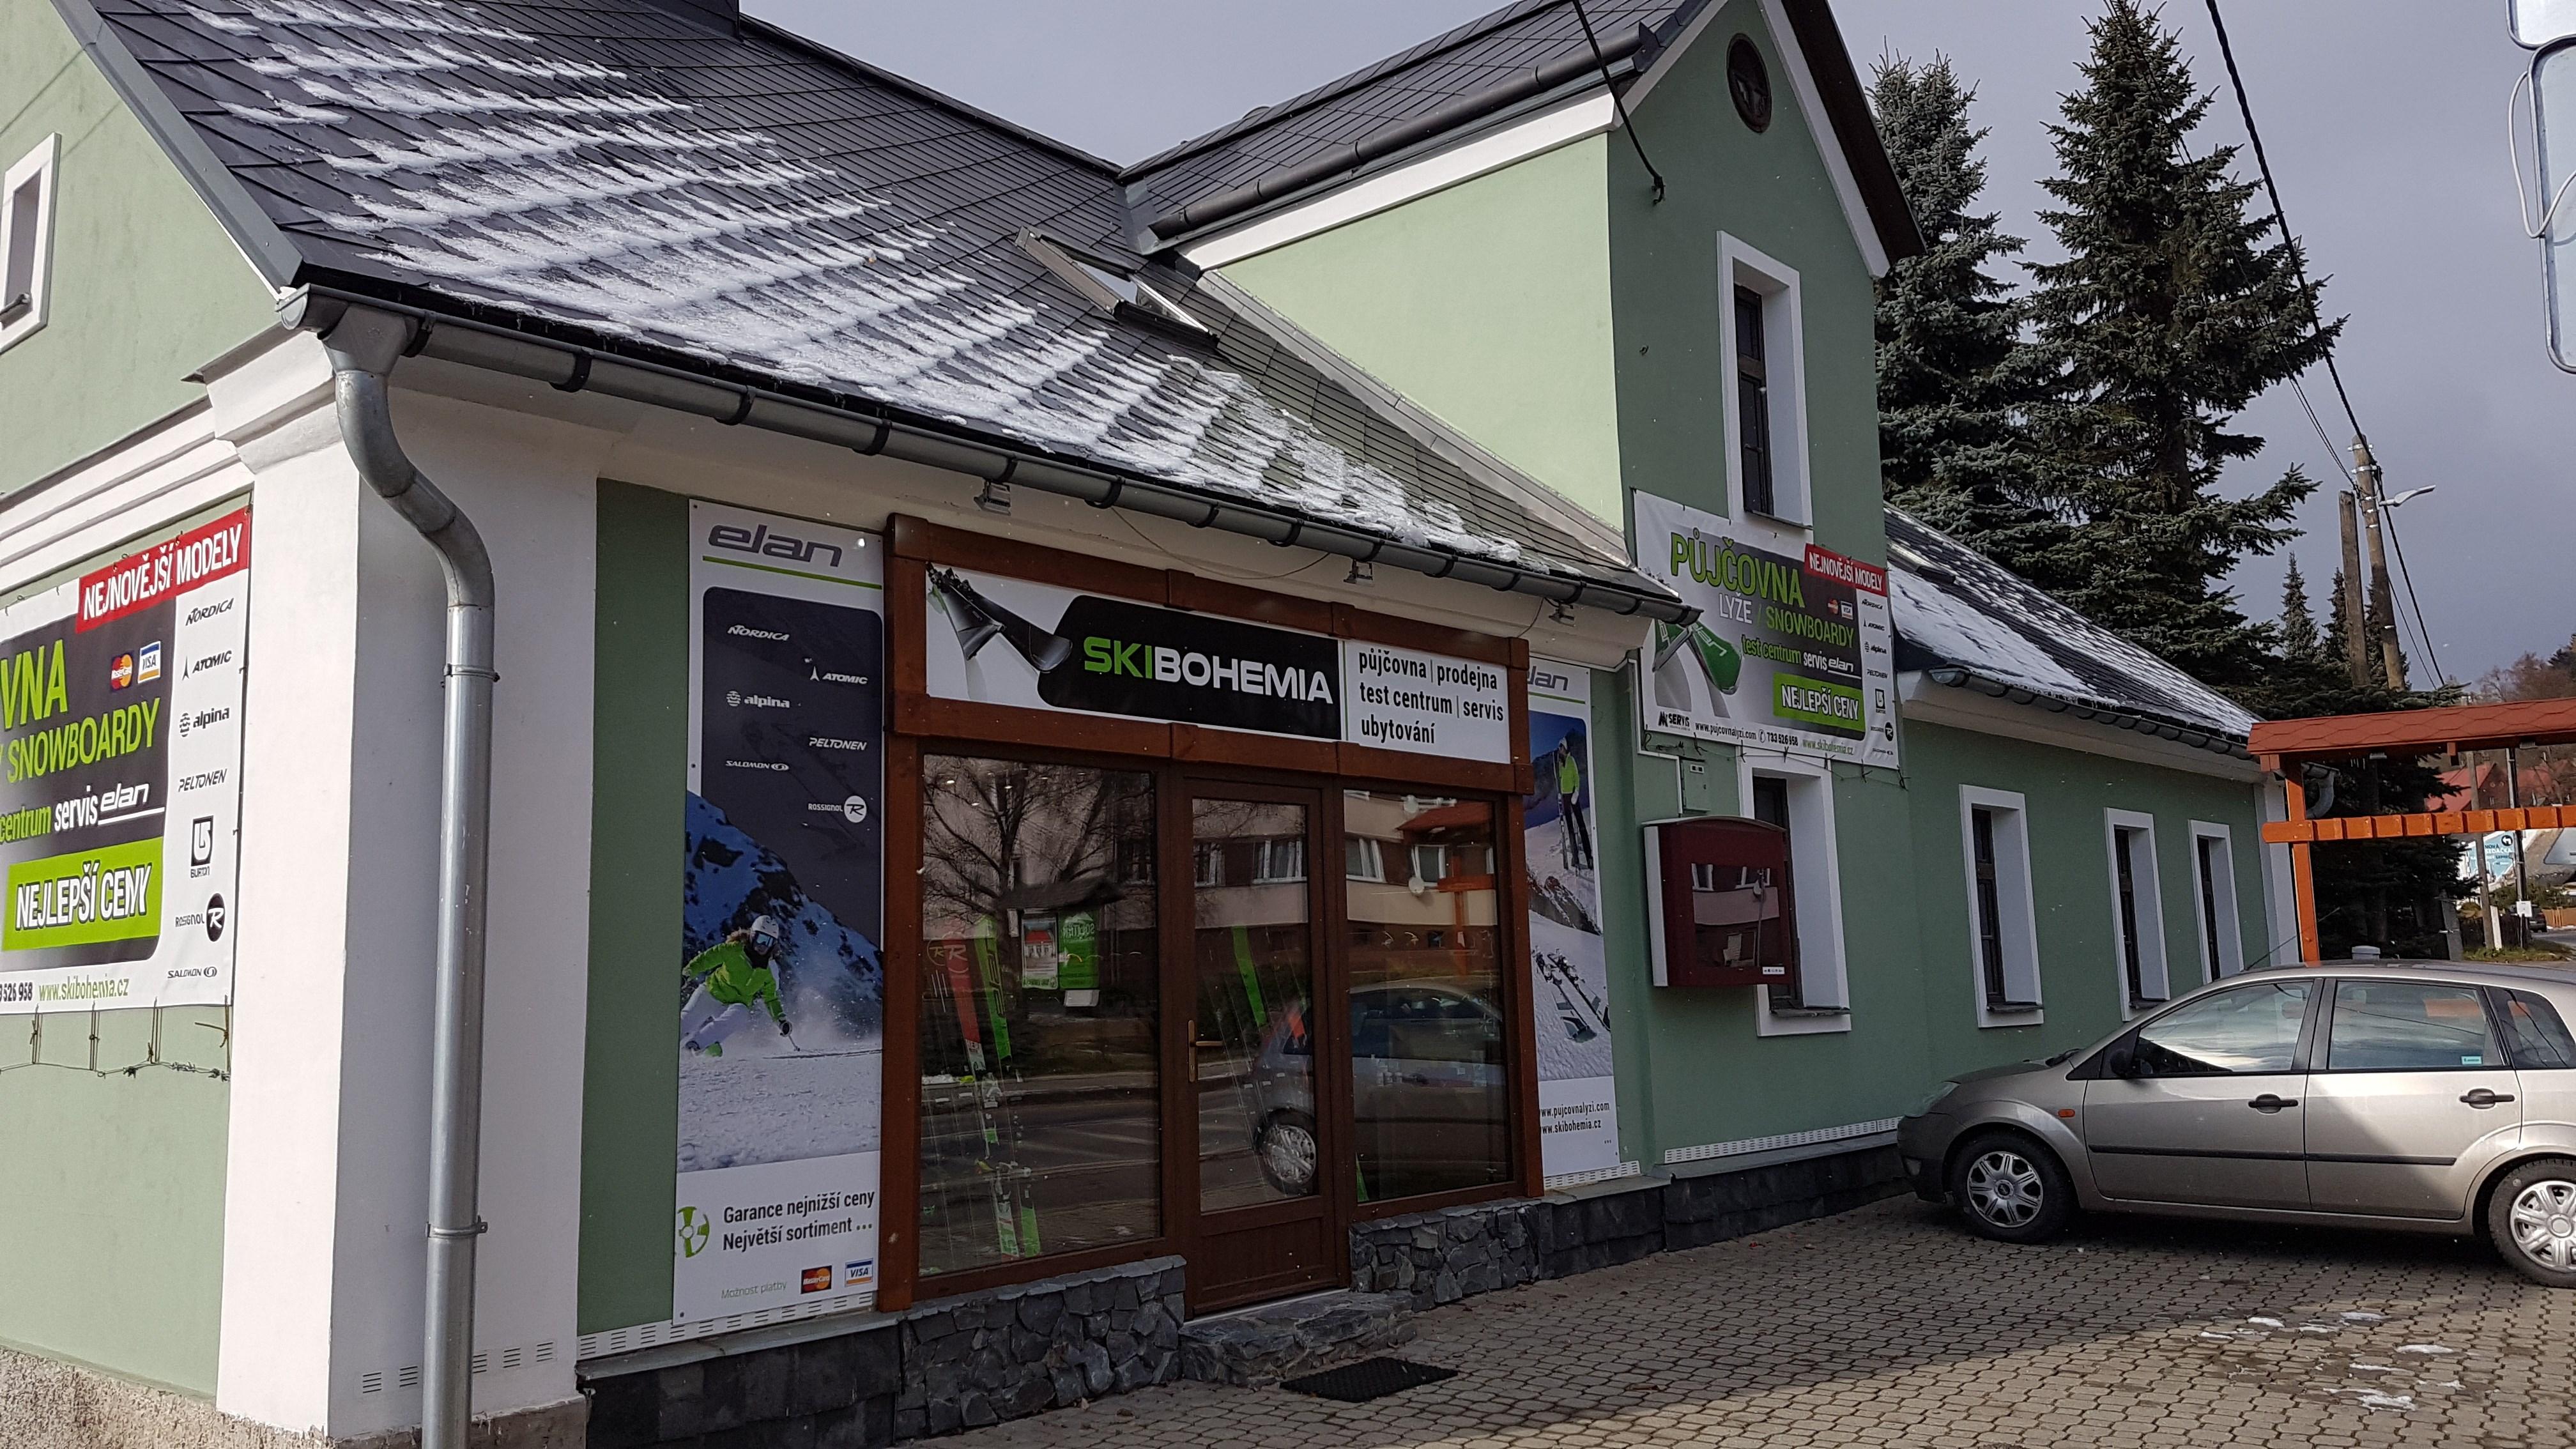 Prodejna lyžařského vybavení Skibohemia.cz